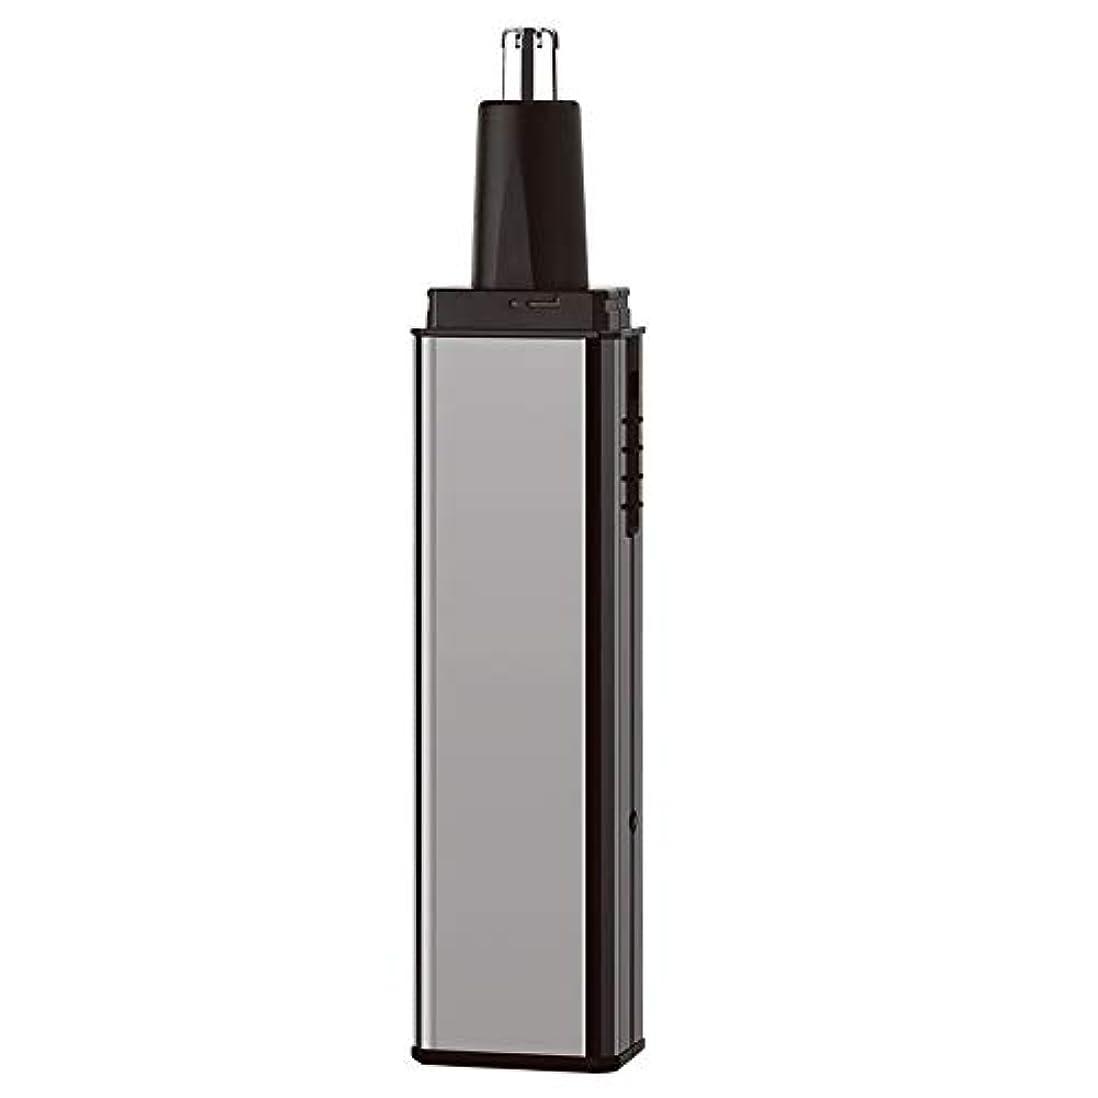 センター運搬城鼻毛トリマー-多機能スーツフォーインワン/電気鼻毛トリマー/ステンレススチール/多機能/ 13.5 * 2.7cm 持つ価値があります